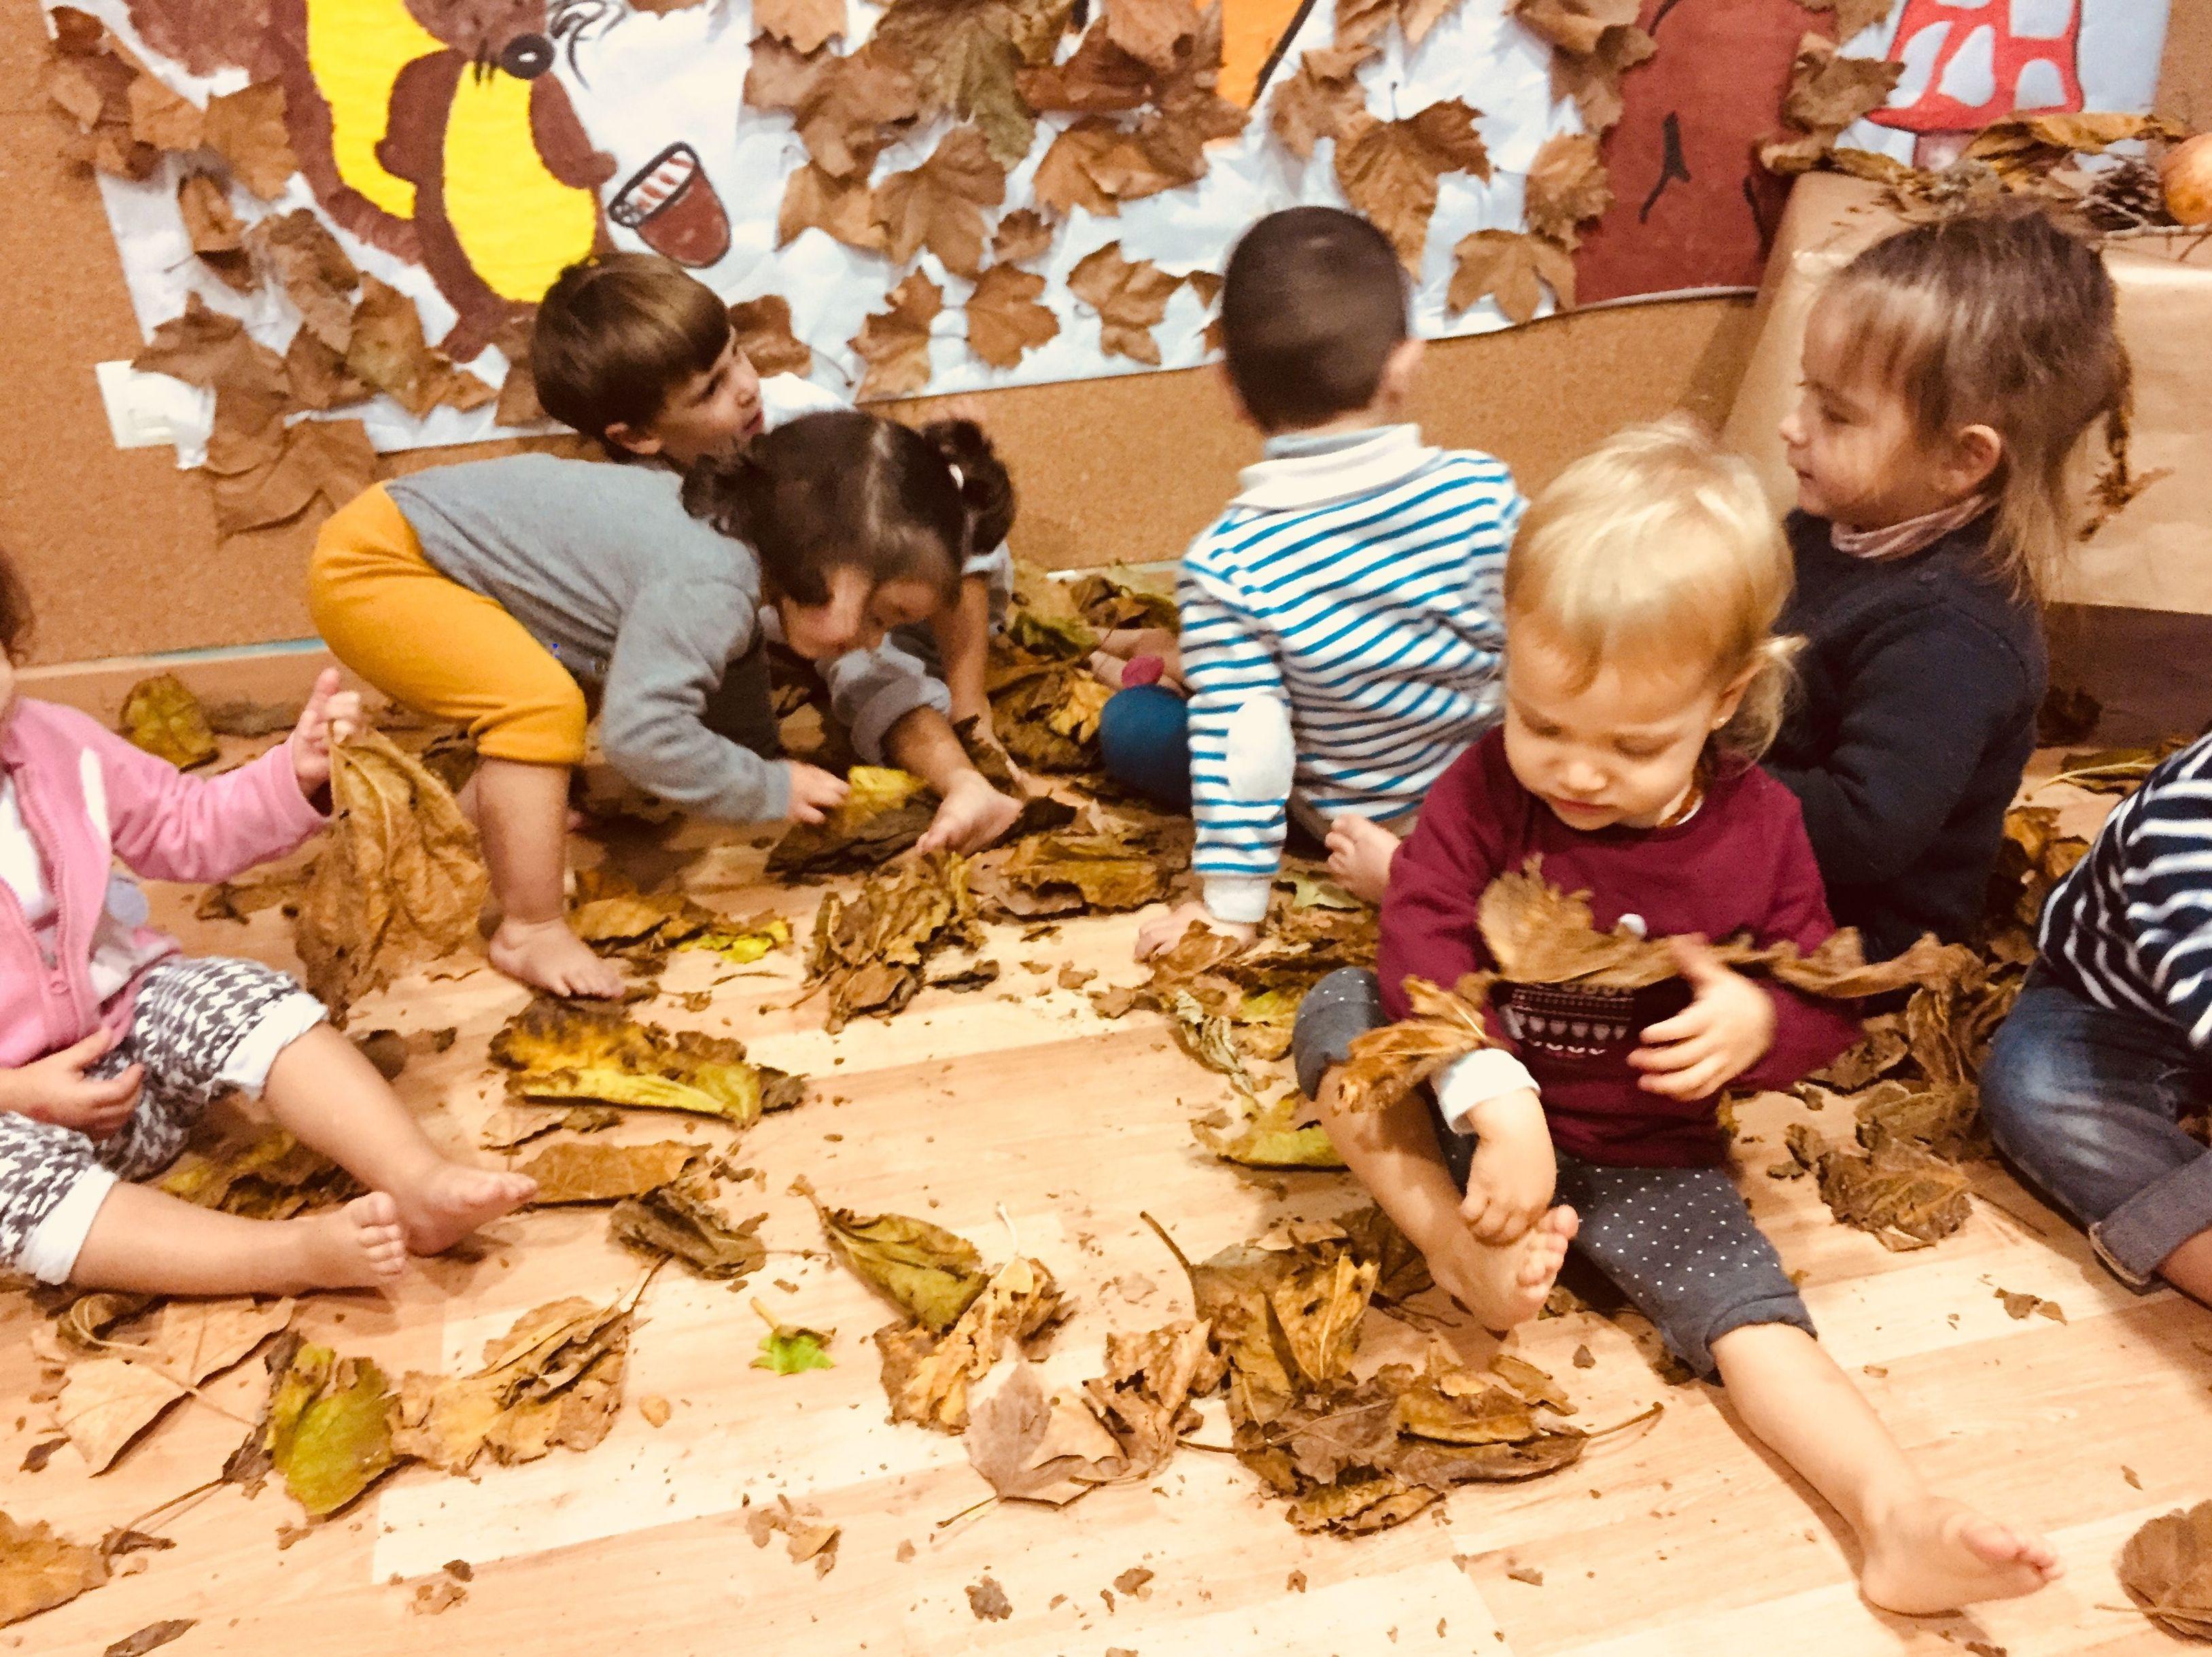 Foto 14 de Escuela infantil para niños de 0 a 3 años en Llucmajor | Escoleta Colibrís